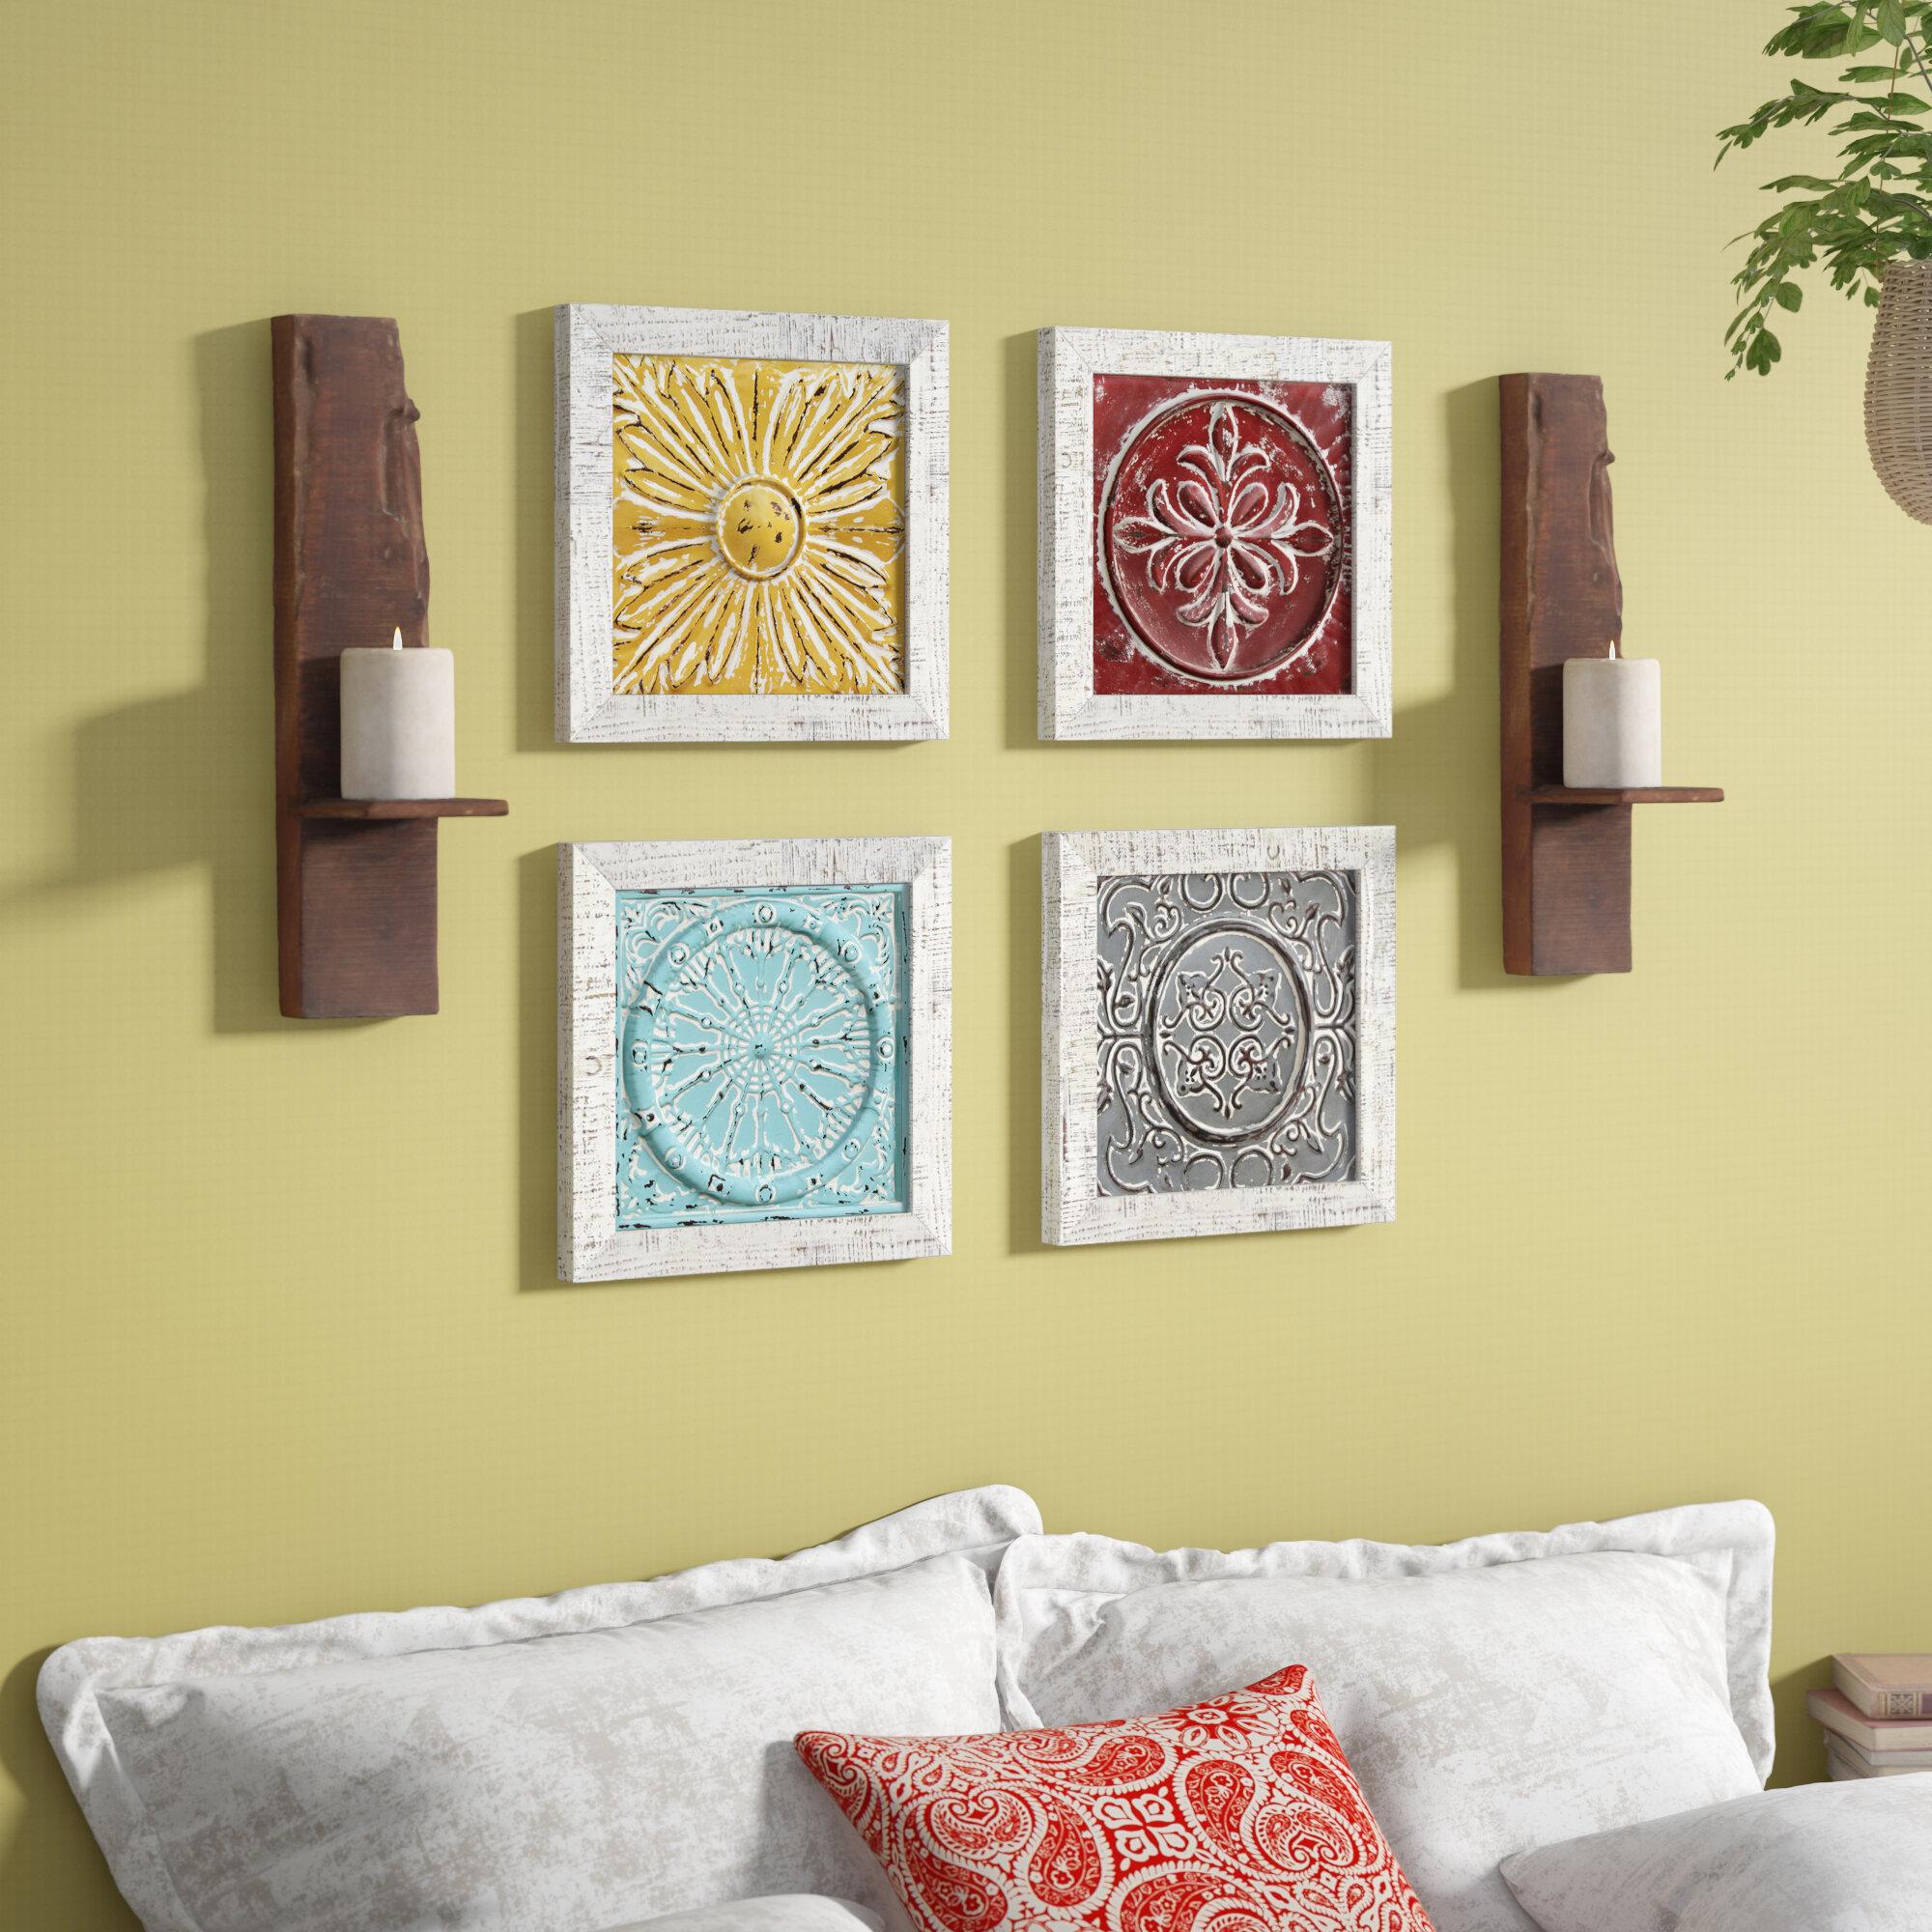 Bungalow Rose 4 Piece Accent Tile Wall Décor Set & Reviews   Wayfair